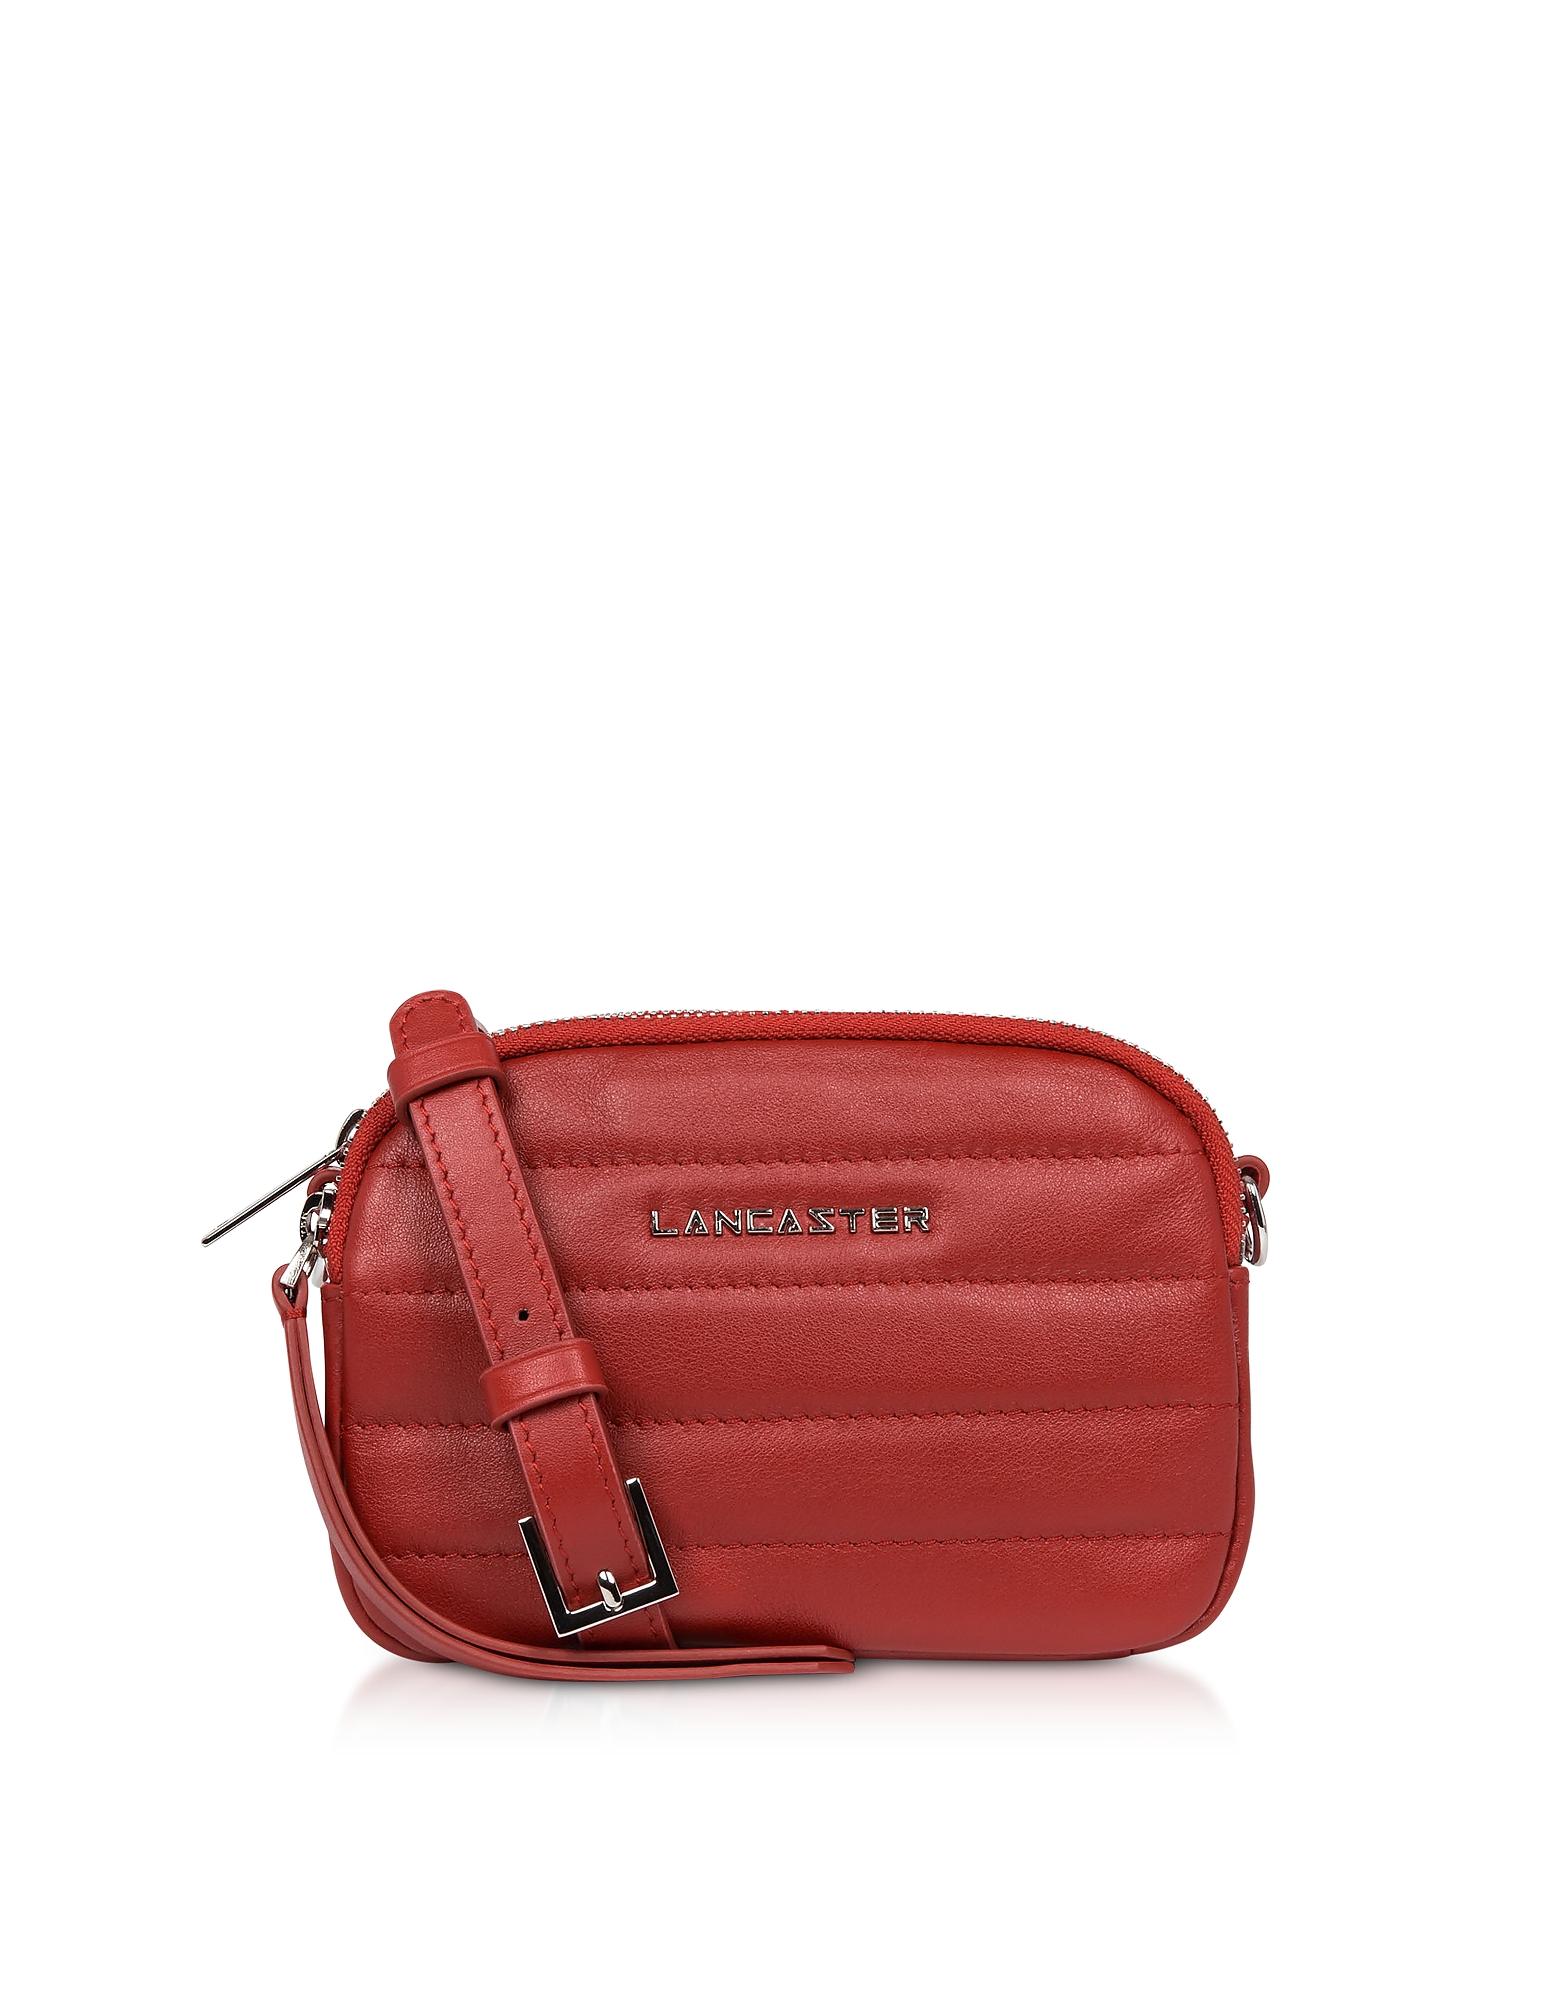 Lancaster Paris Handbags, Parisienne Couture Mini Crossbody Bag